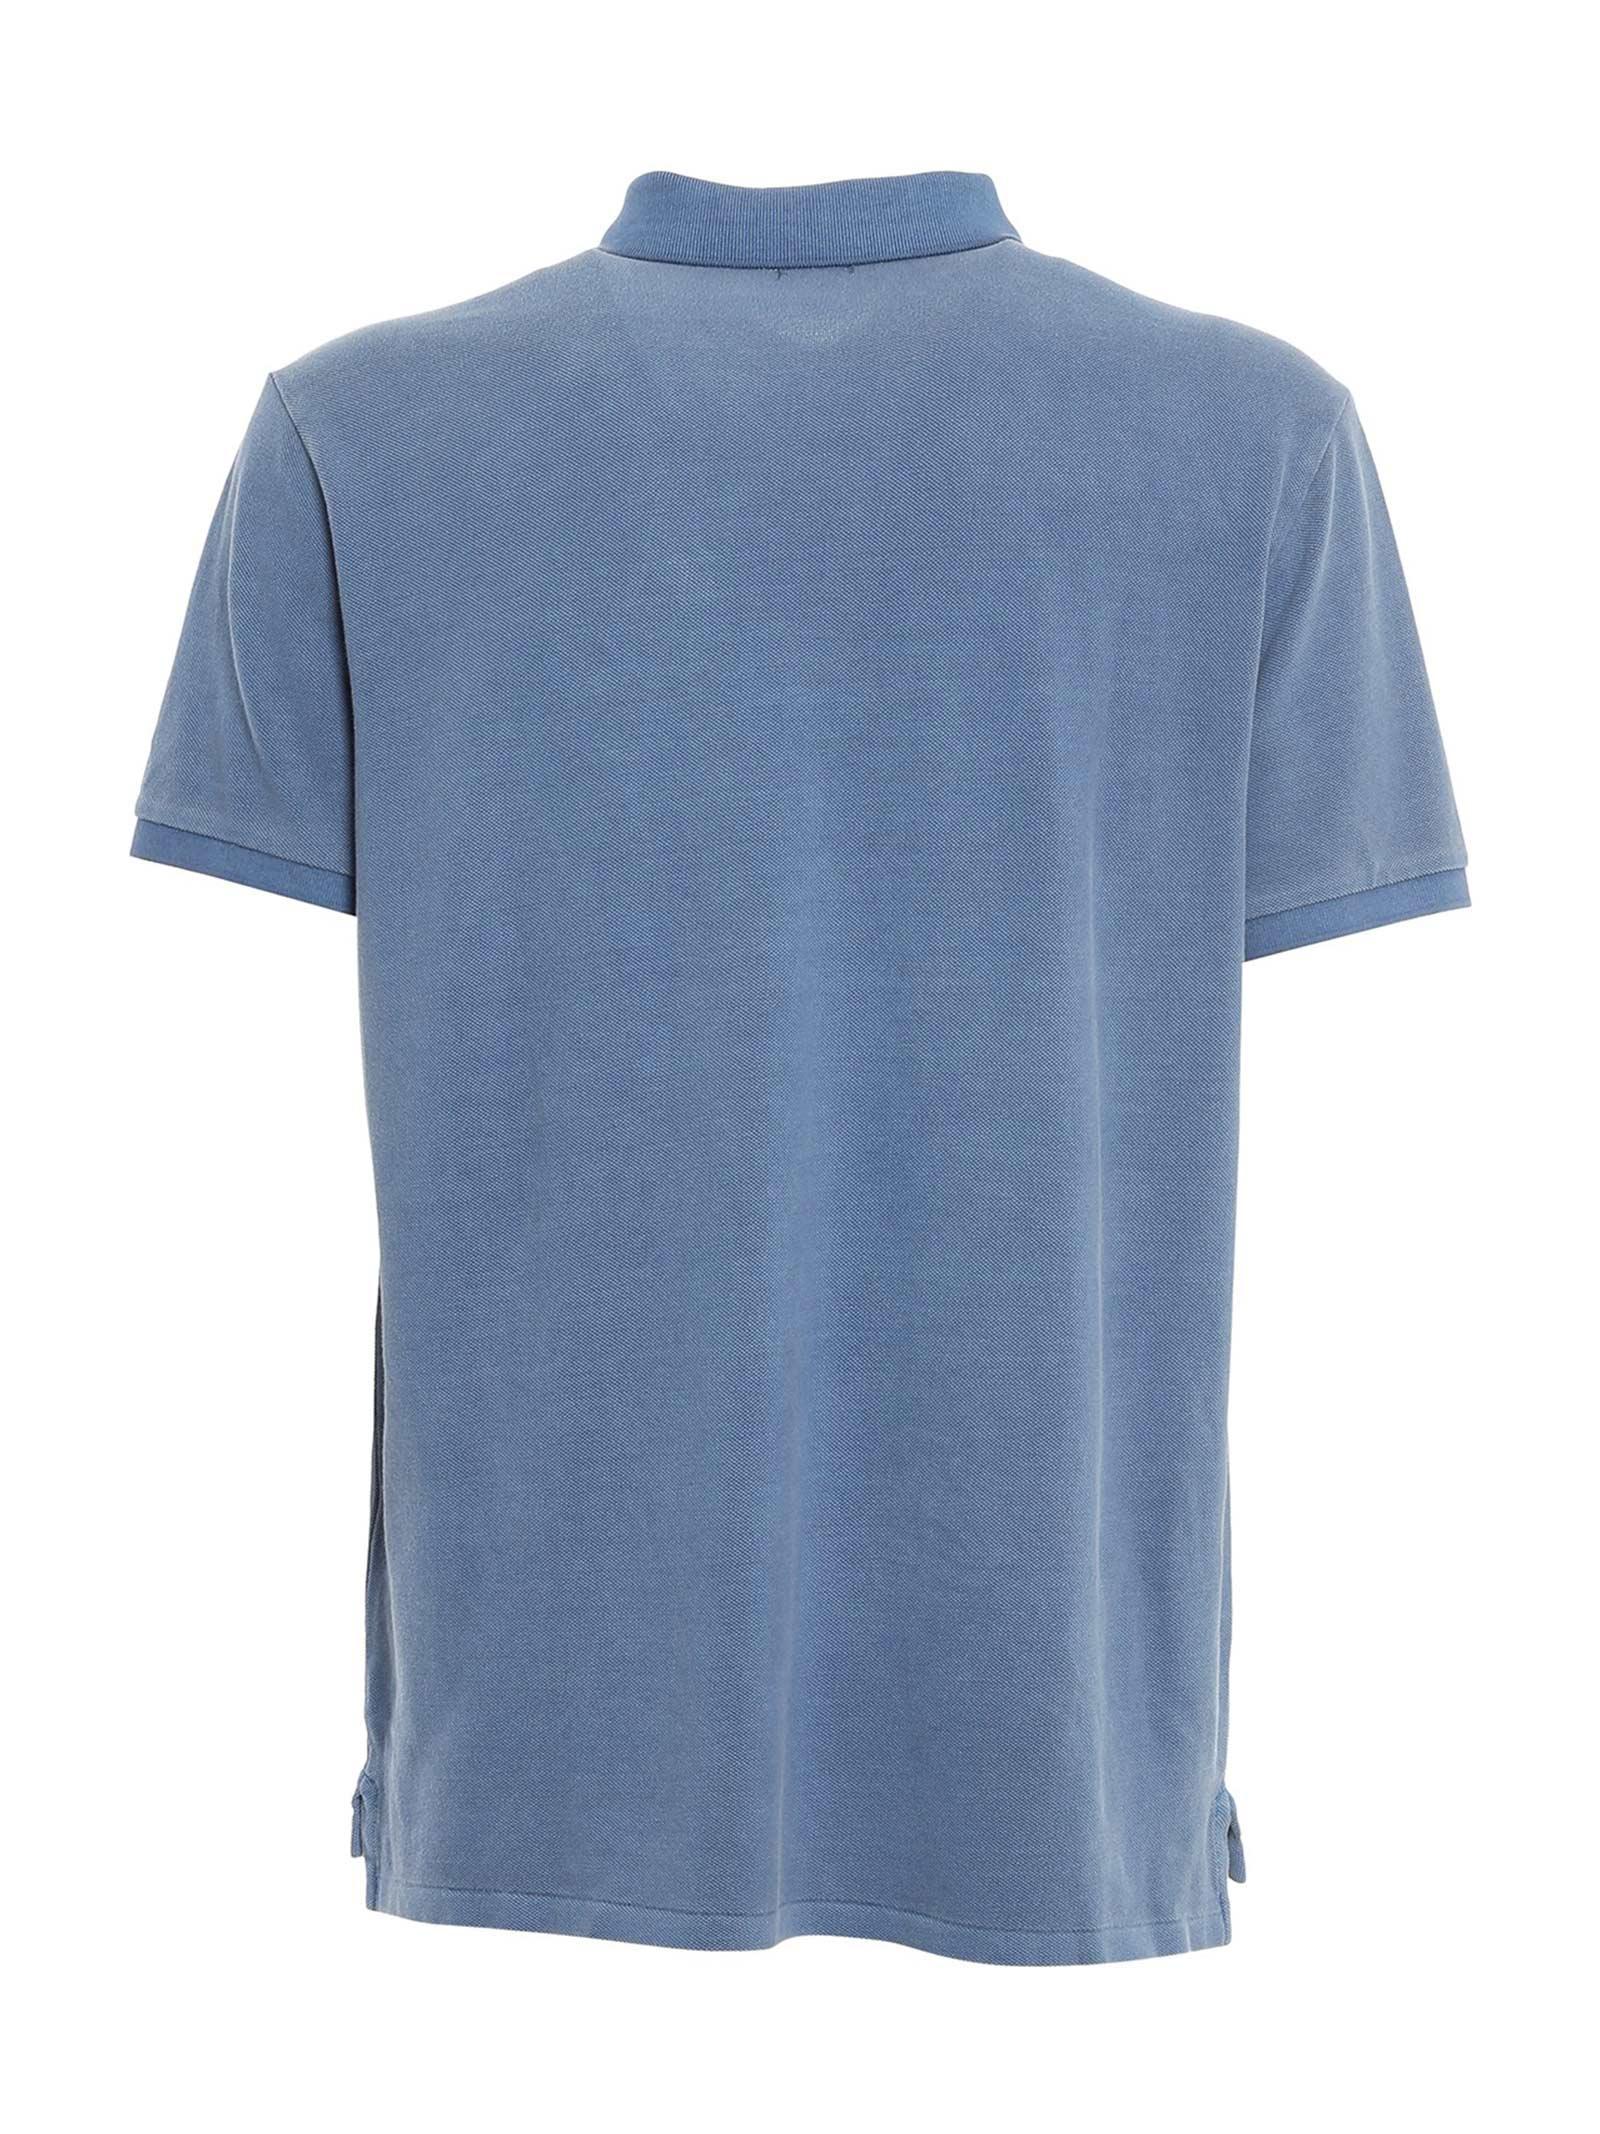 Polo piquè slim fit blu chiaro RALPH LAUREN   Polo   710-814416015